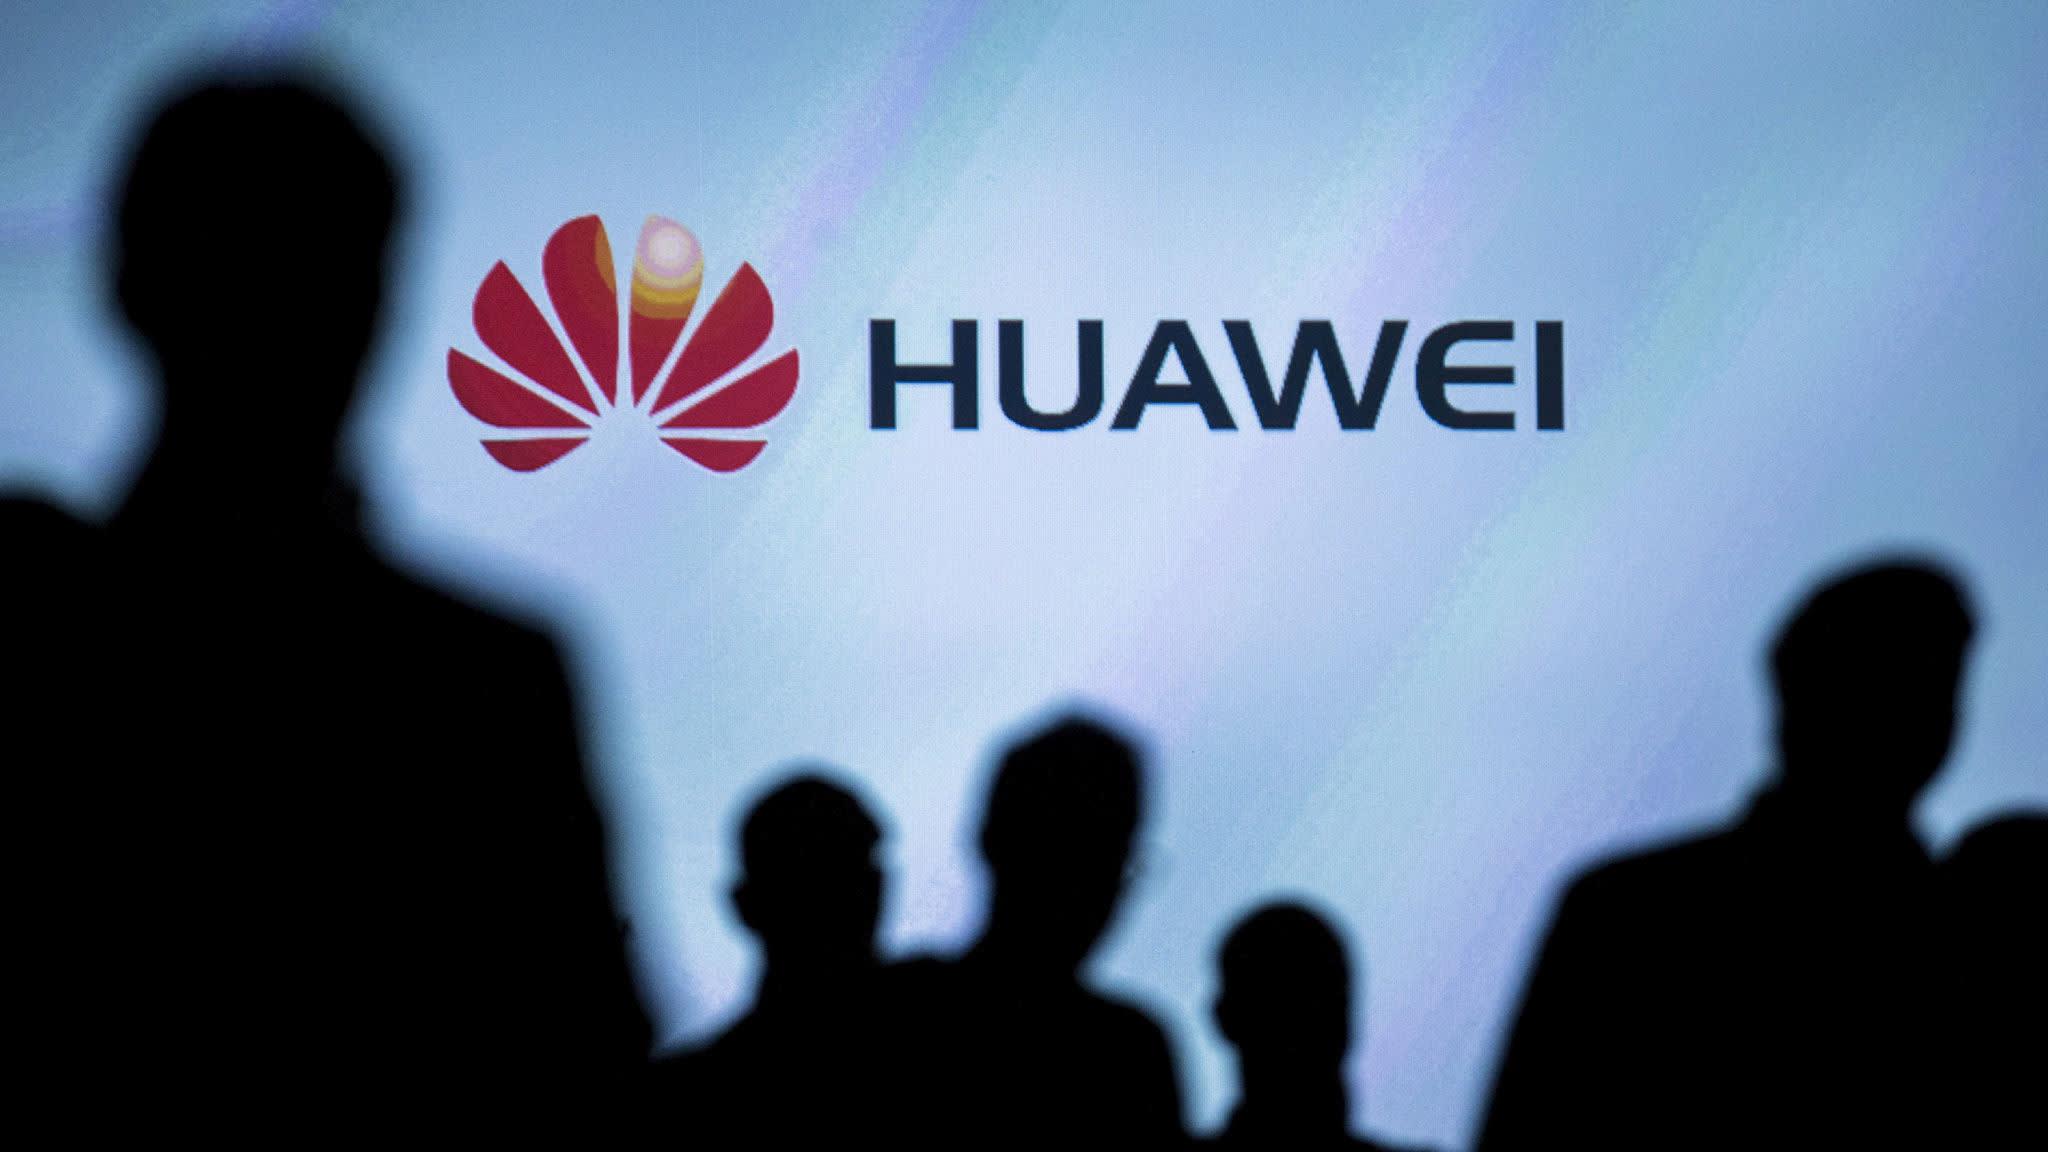 Ini Sebab Perisian Android dan Google Disekat Untuk Pengguna Huawei 3